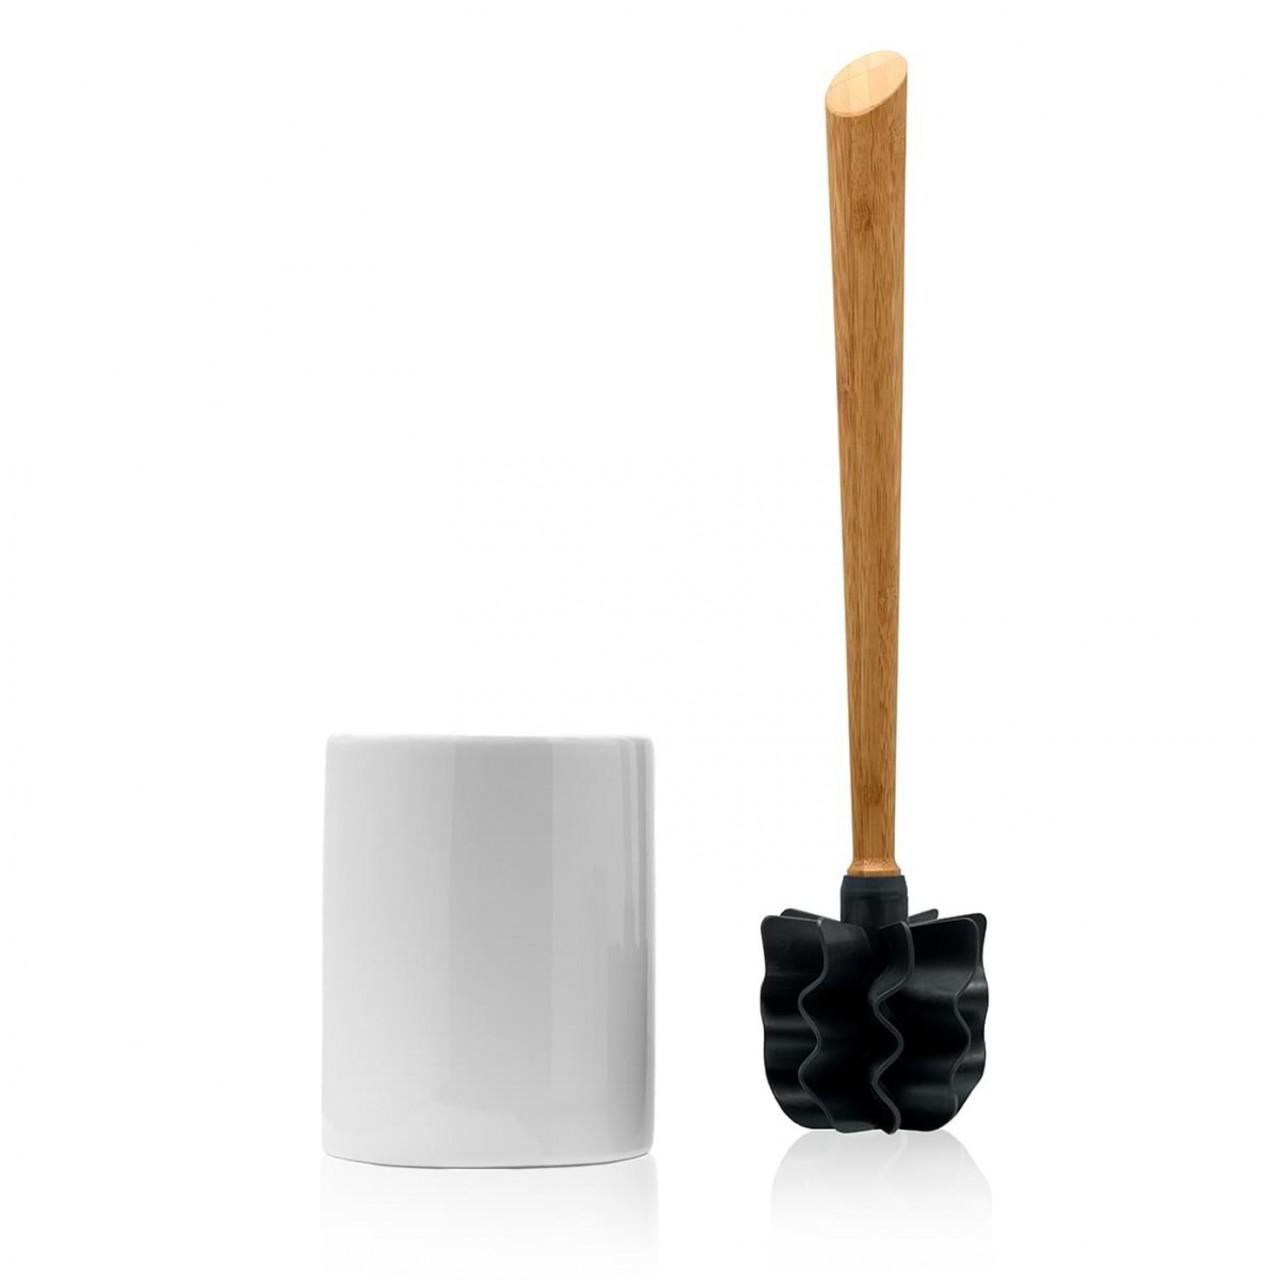 LOOWY Woodline – Bambus Set   die borstenlose Toilettenbürste mit Bambusgriff und Halter weiß